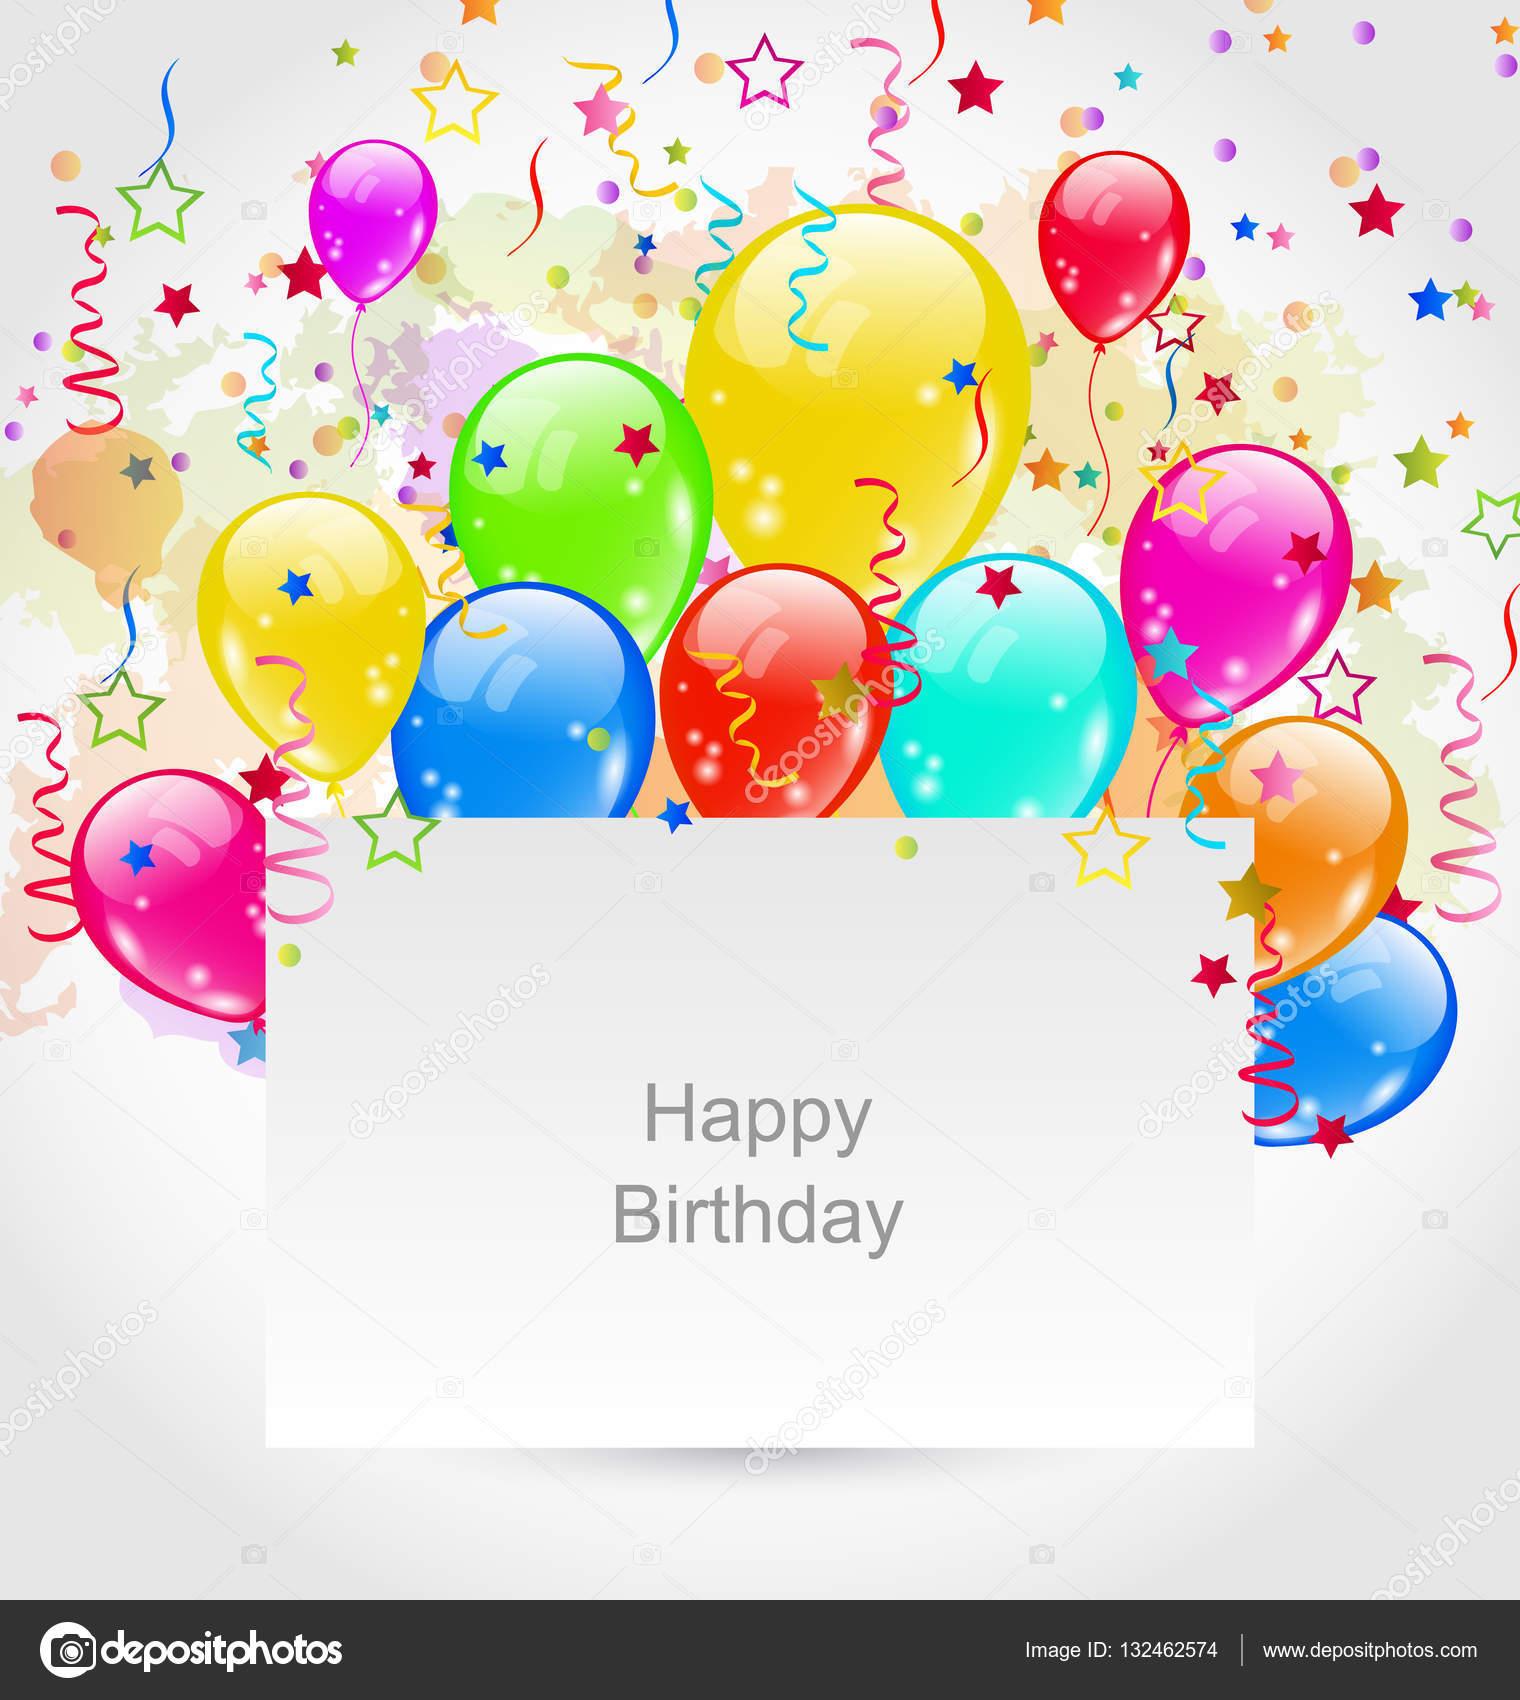 geburtstag mit bunten luftballons und konfetti — stockfoto #132462574, Einladungen